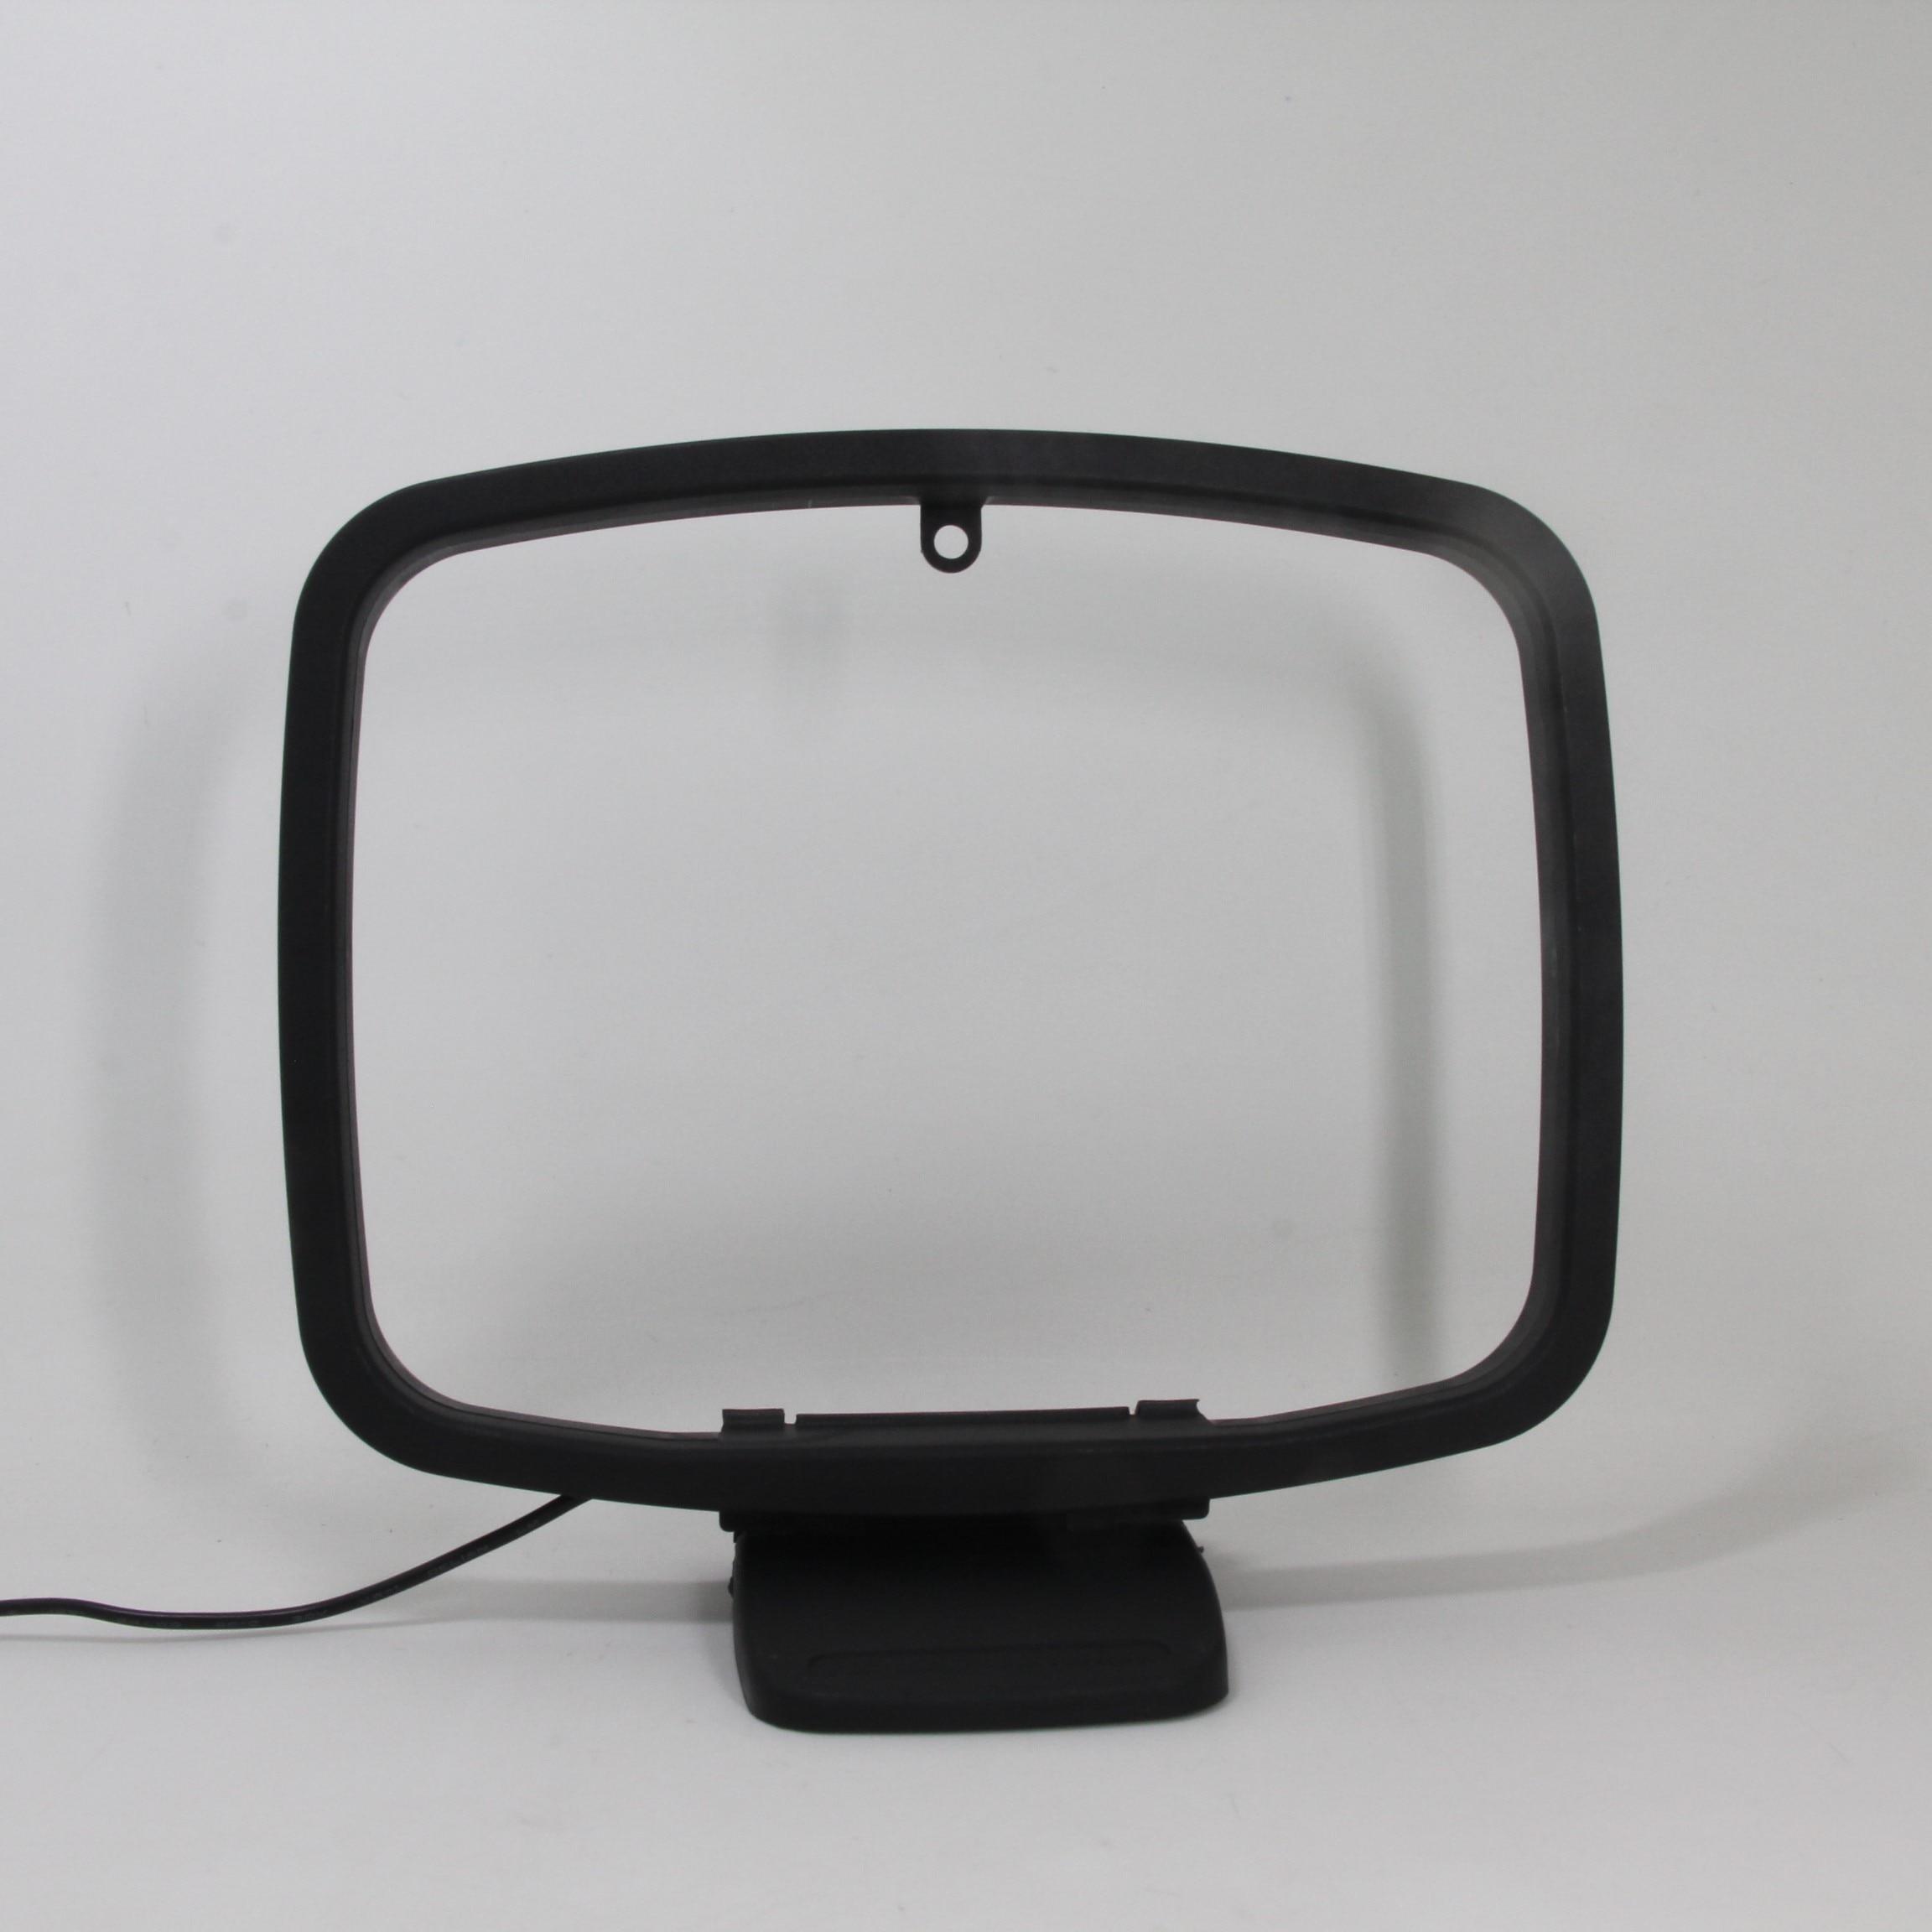 2-контактная FM-петля антенна с мини-разъемом для систем радио, аудио-ресивера